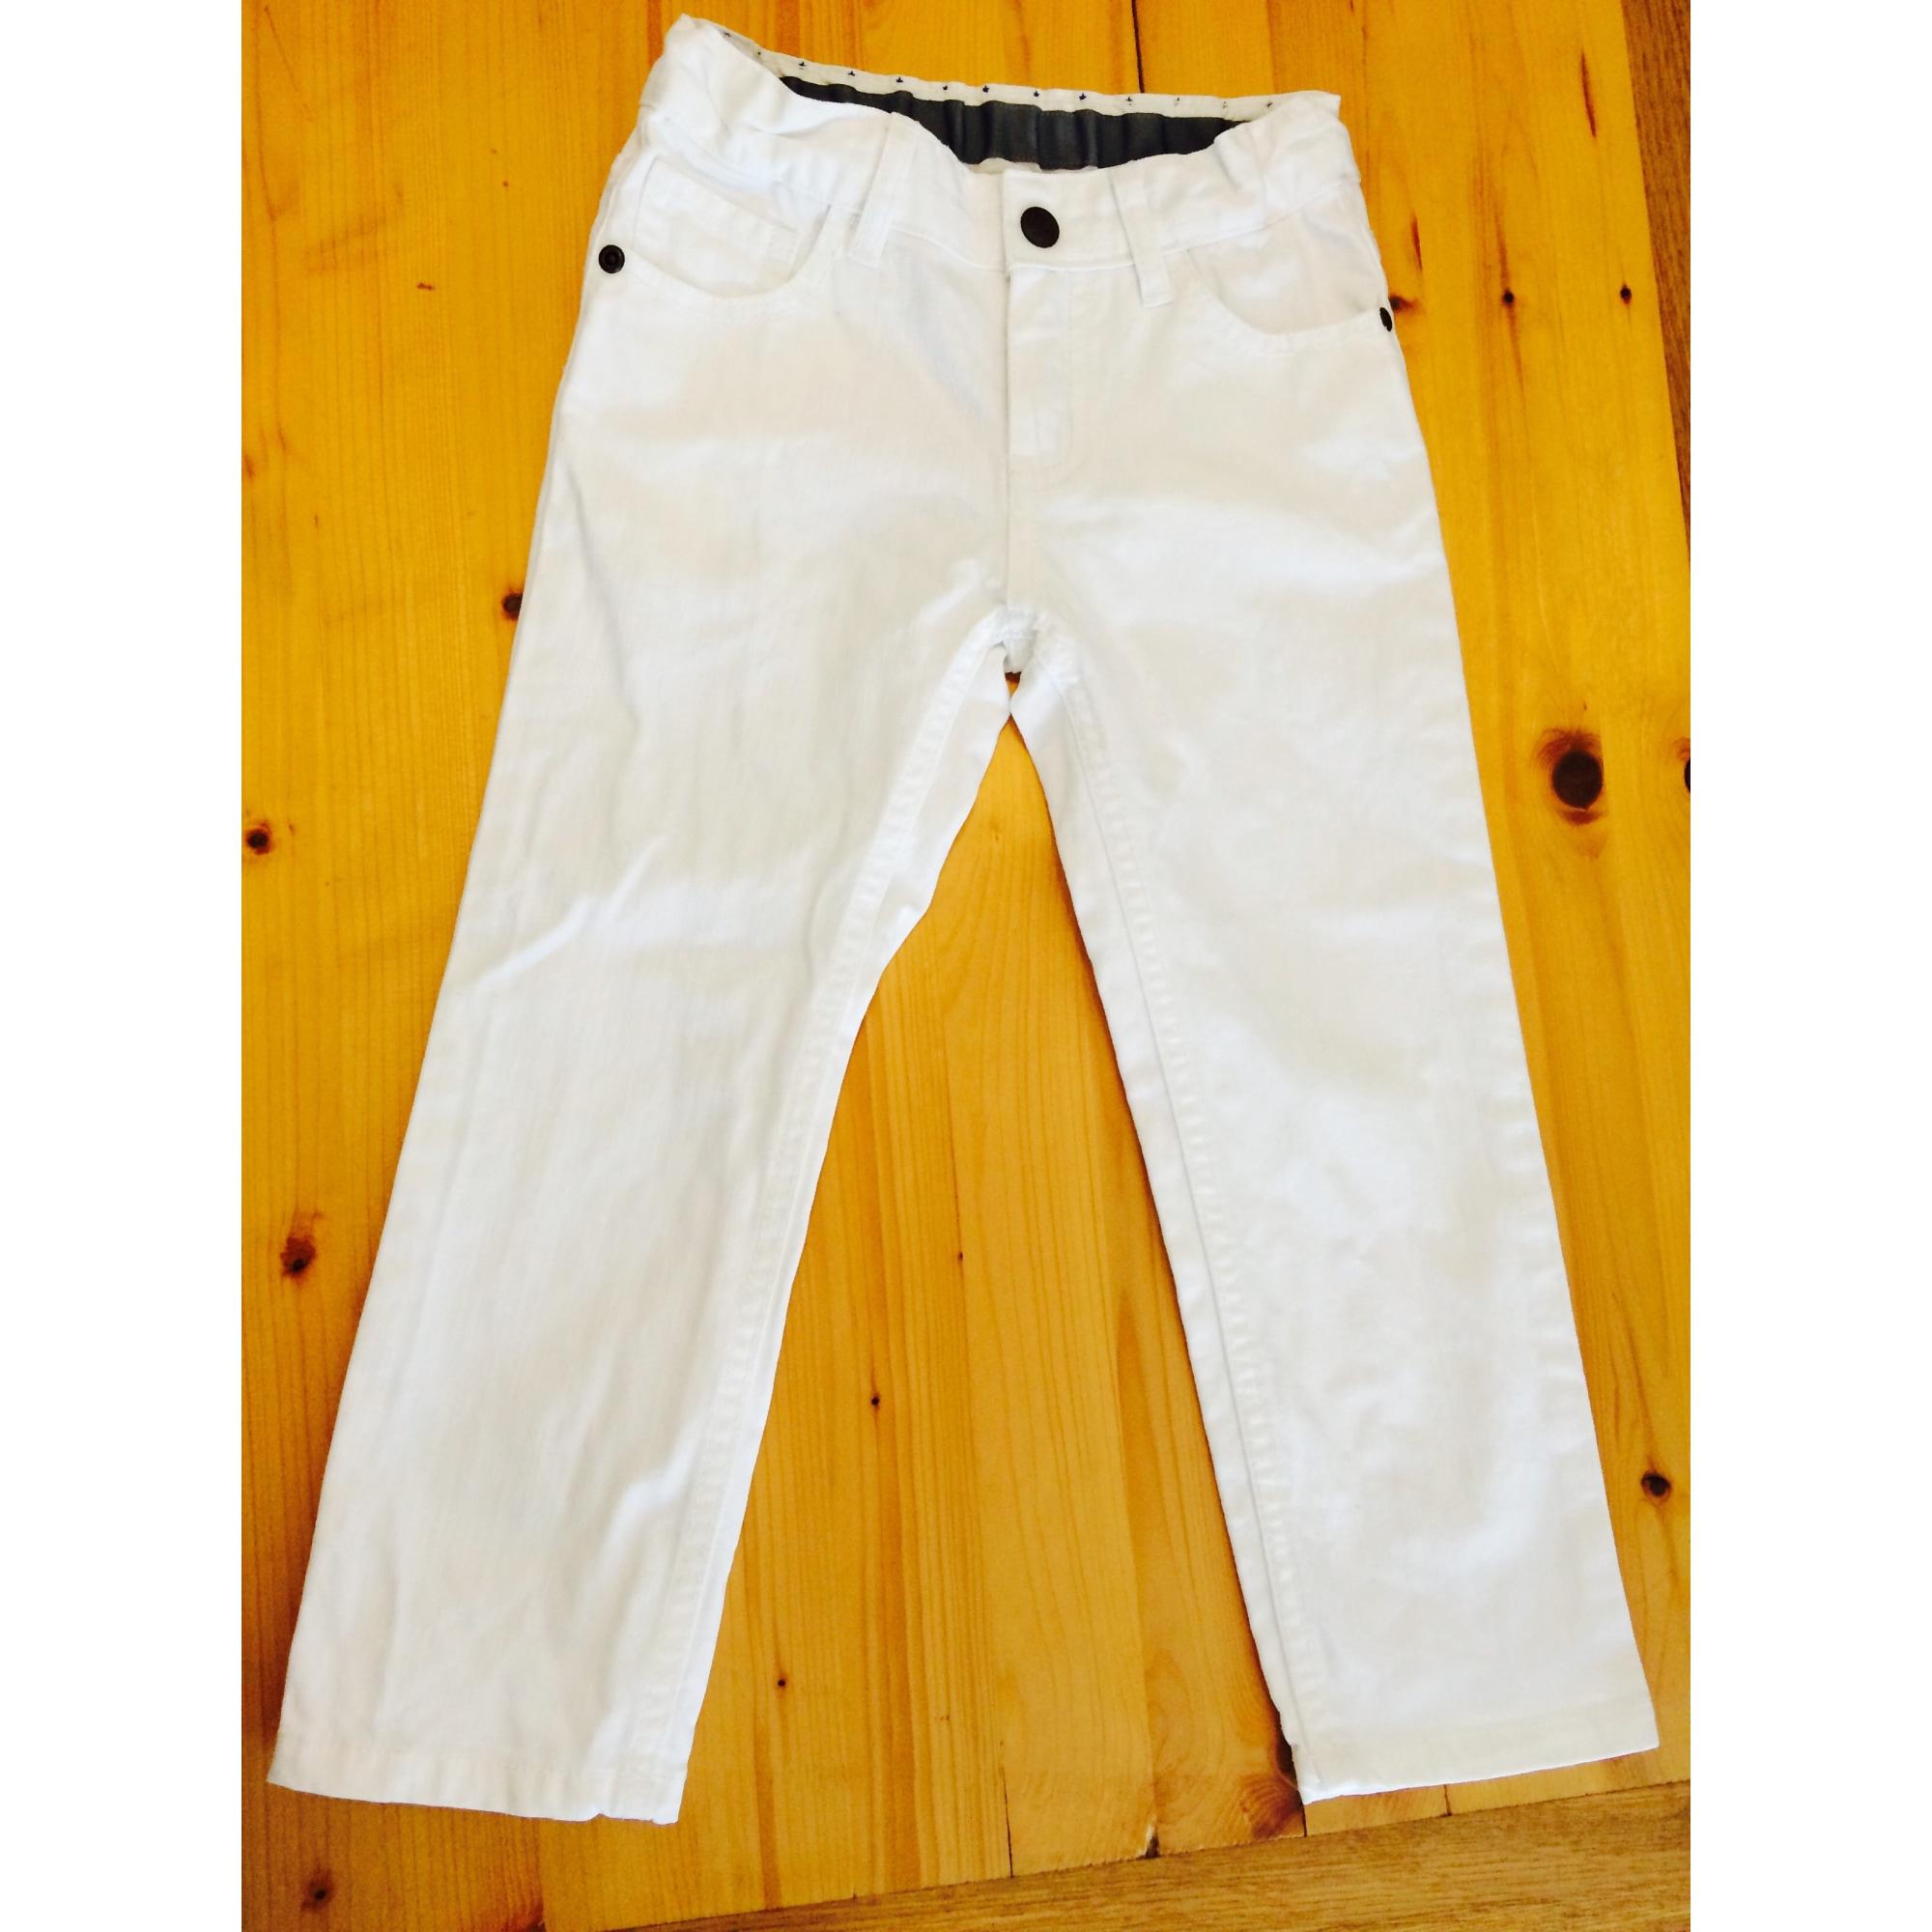 Jeans droit PETIT BATEAU Blanc, blanc cassé, écru